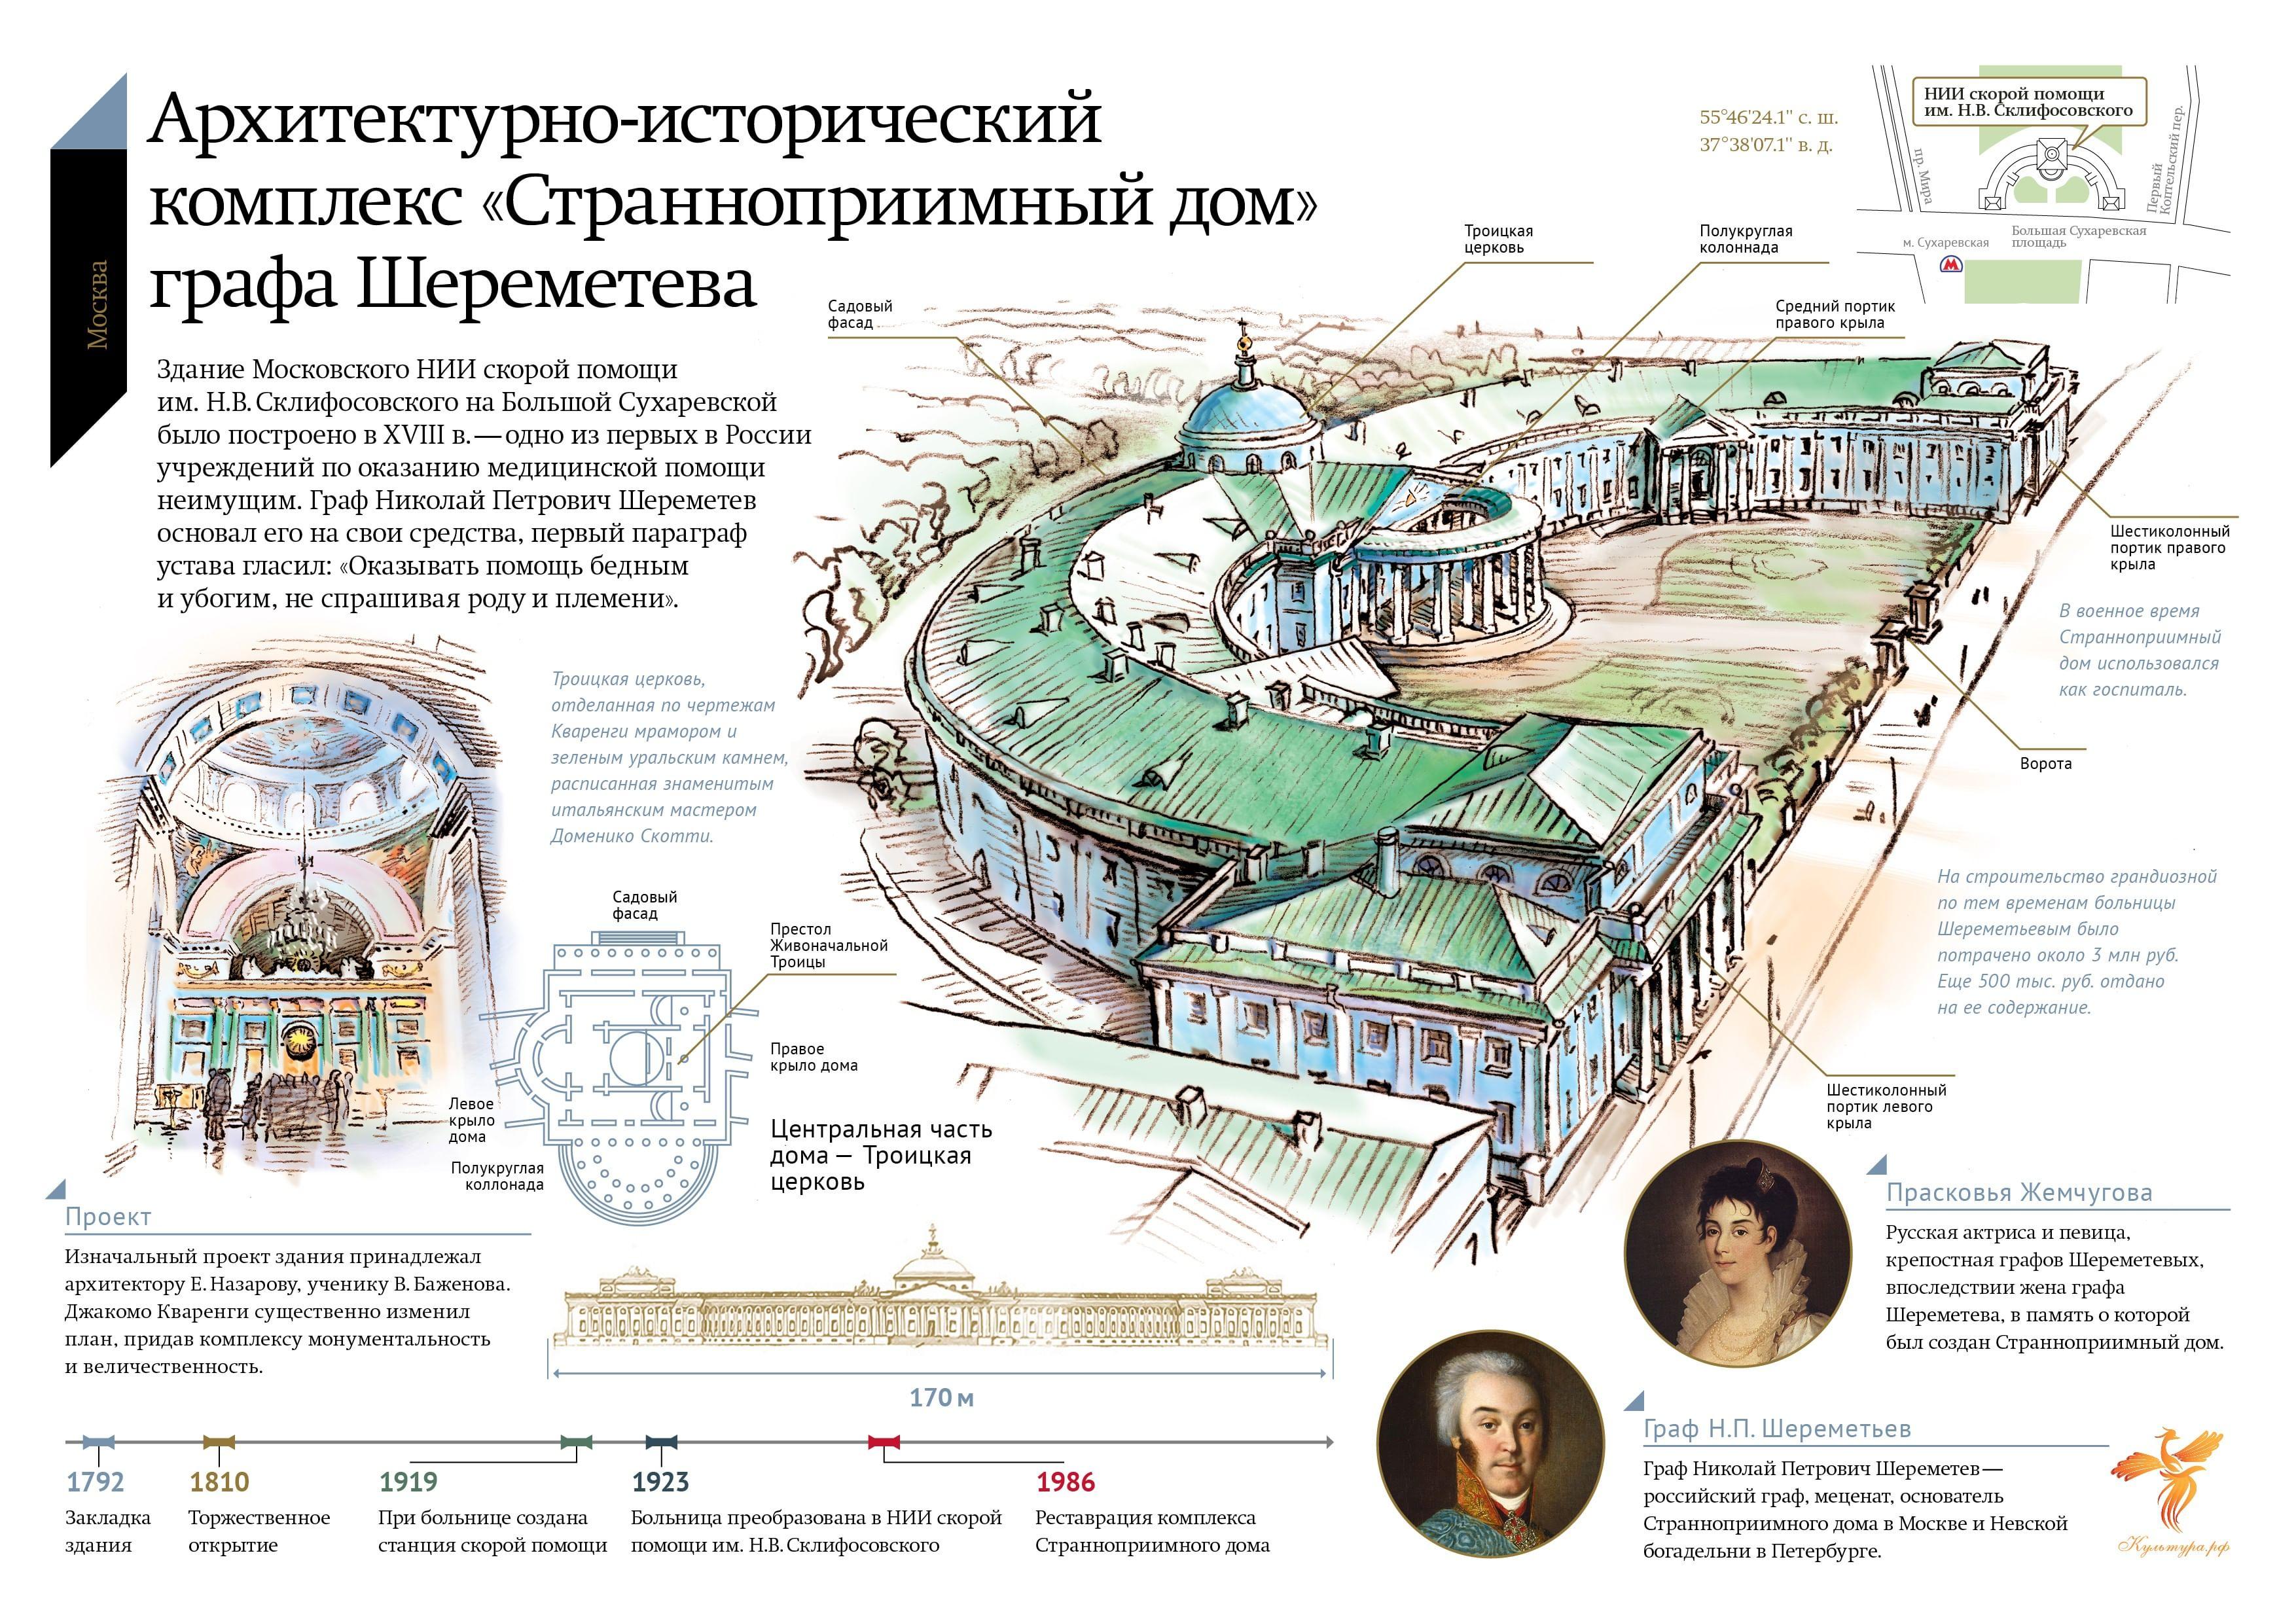 Image result for странноприимный дом сухаревка фото